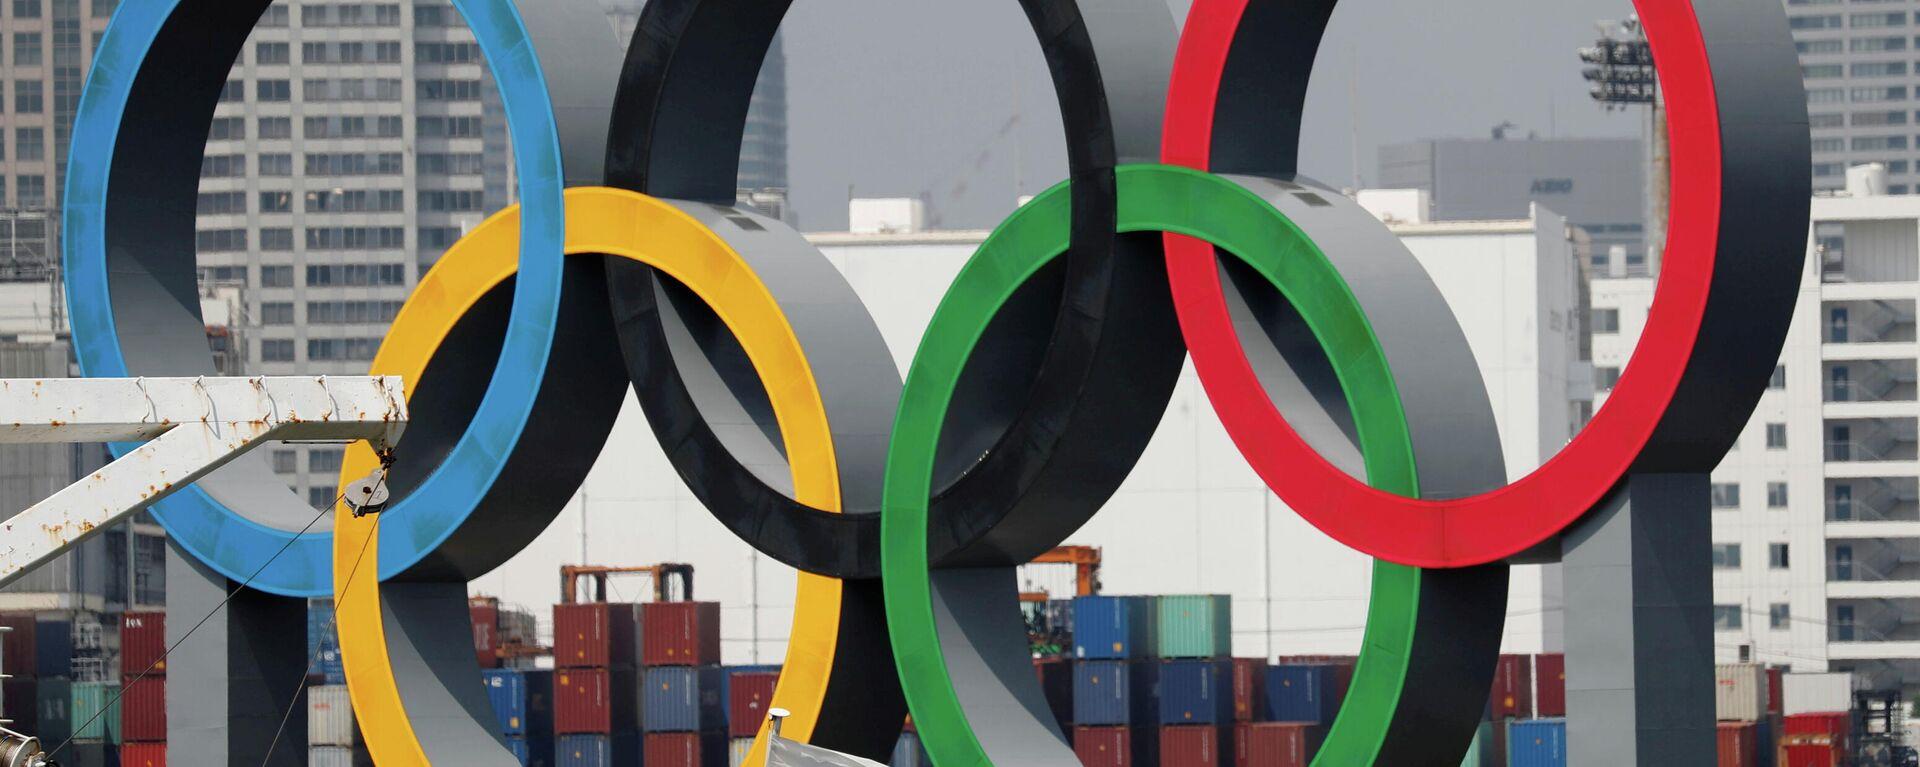 Tokio Juegos Olímpicos - Sputnik Mundo, 1920, 23.07.2021